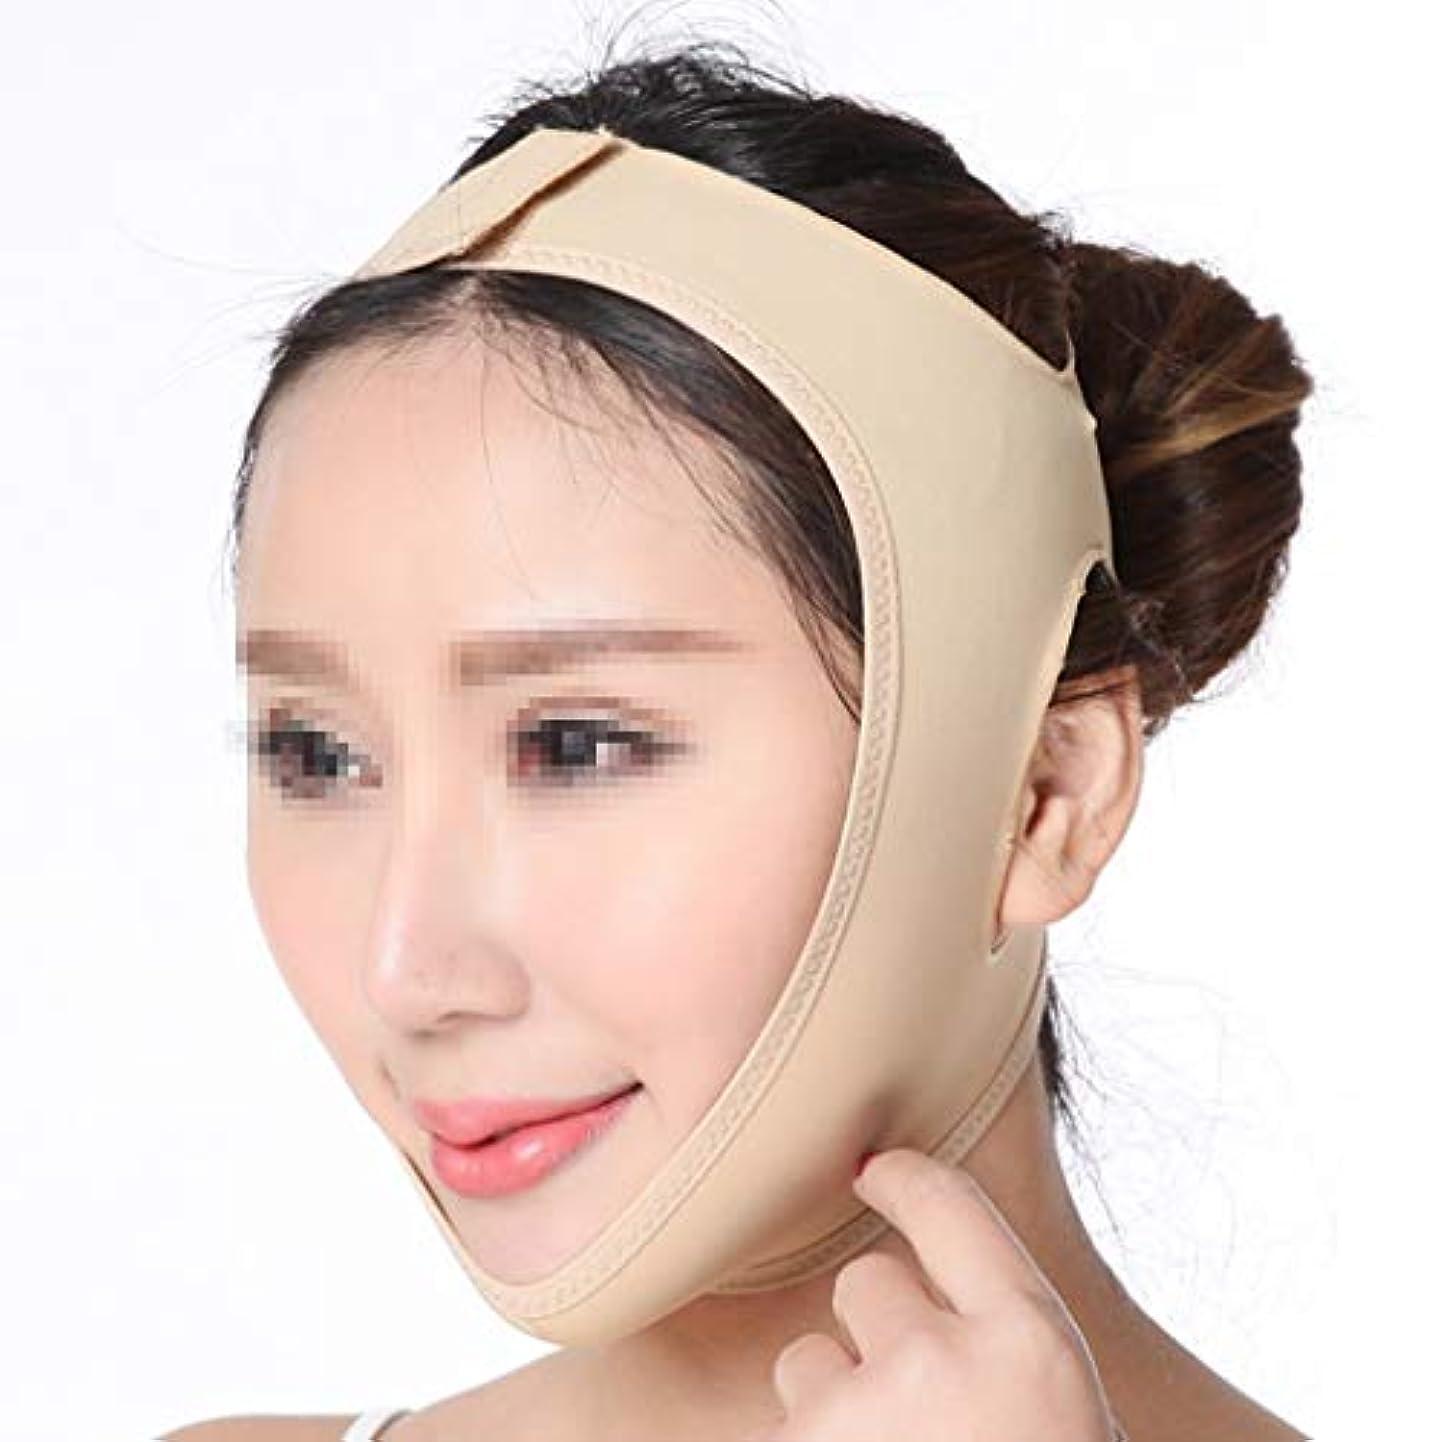 緯度真実人物美容マスク、回復後のライン彫刻二重あごフェイスリフトアーティファクトフェイス小型Vフェイス楽器包帯リフティングケアヘッドギア (Size : L)